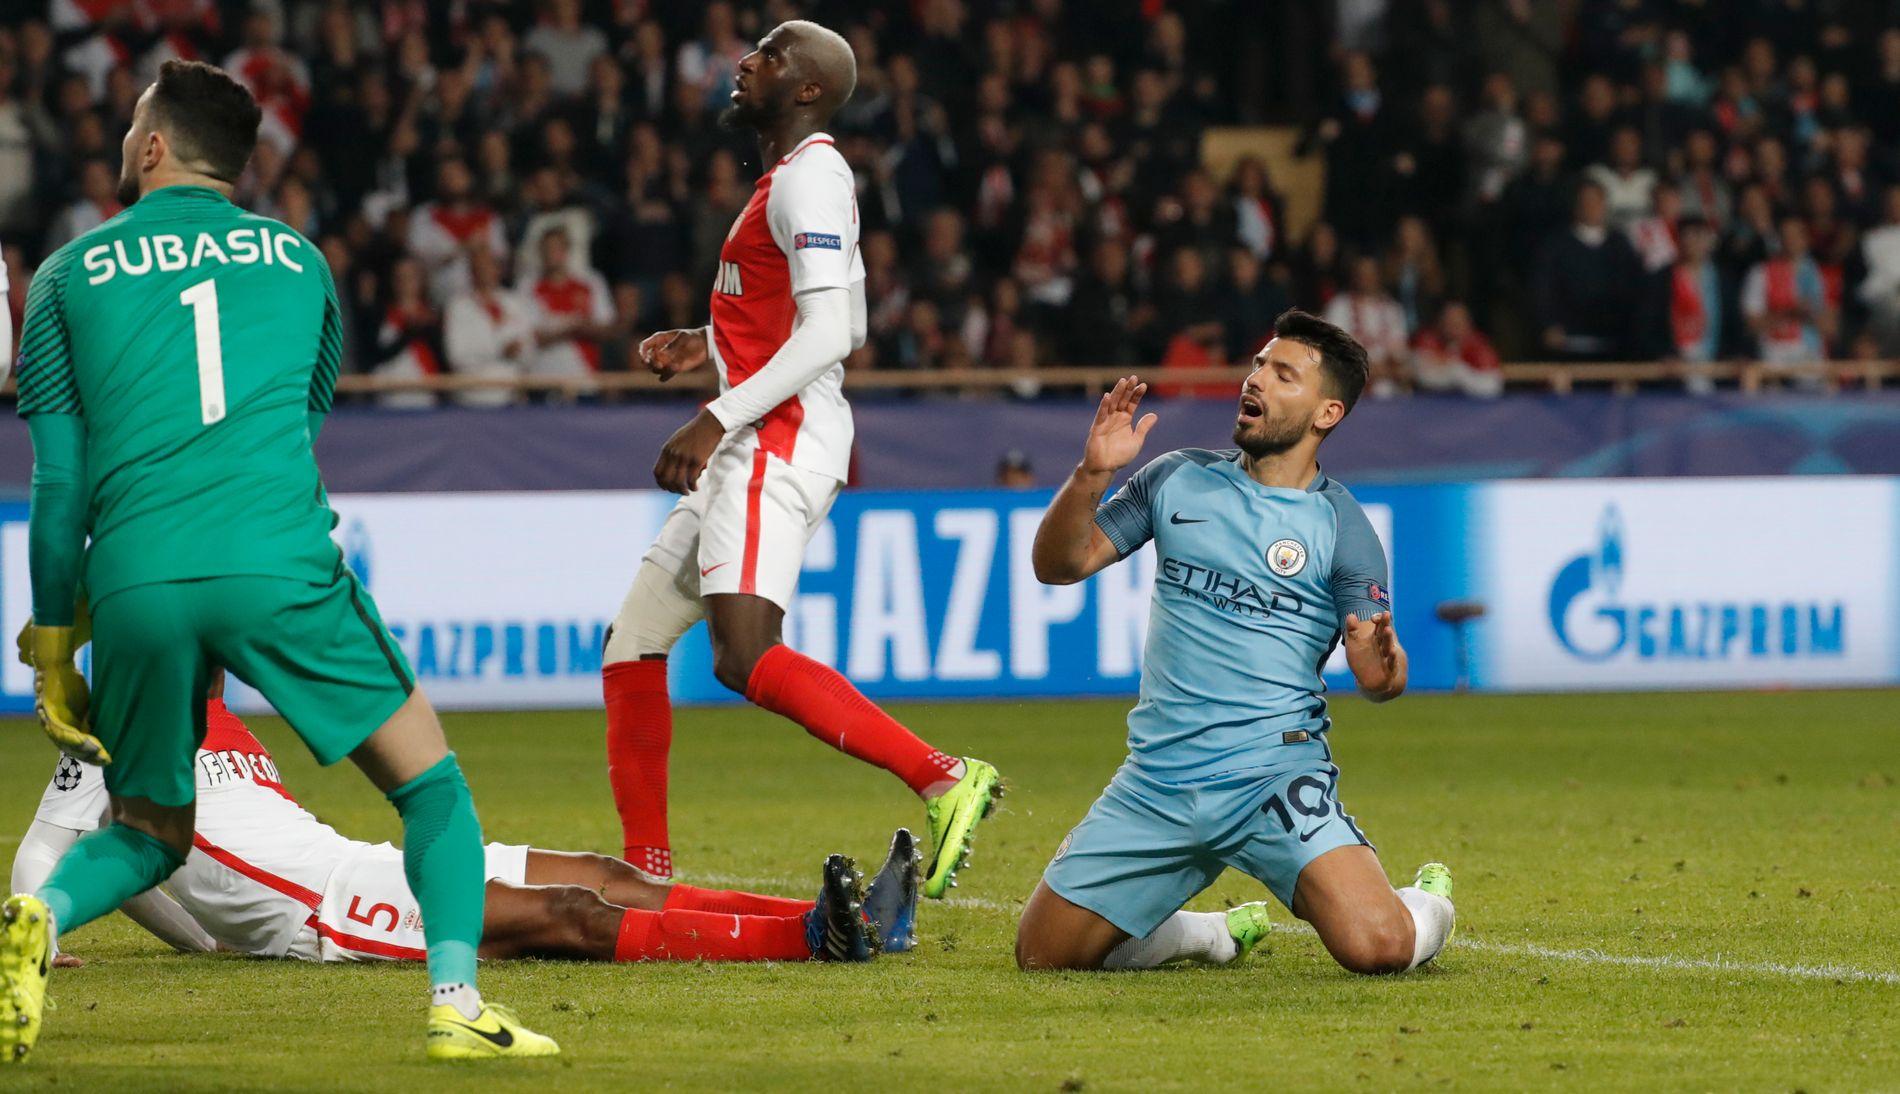 I KNESTÅENDE: Sergio Agüero bommet på en stor sjanse foran Monaco-keeper Danijel Subasic. Det har blitt mange bom for engelske klubber i Europa de siste årene.